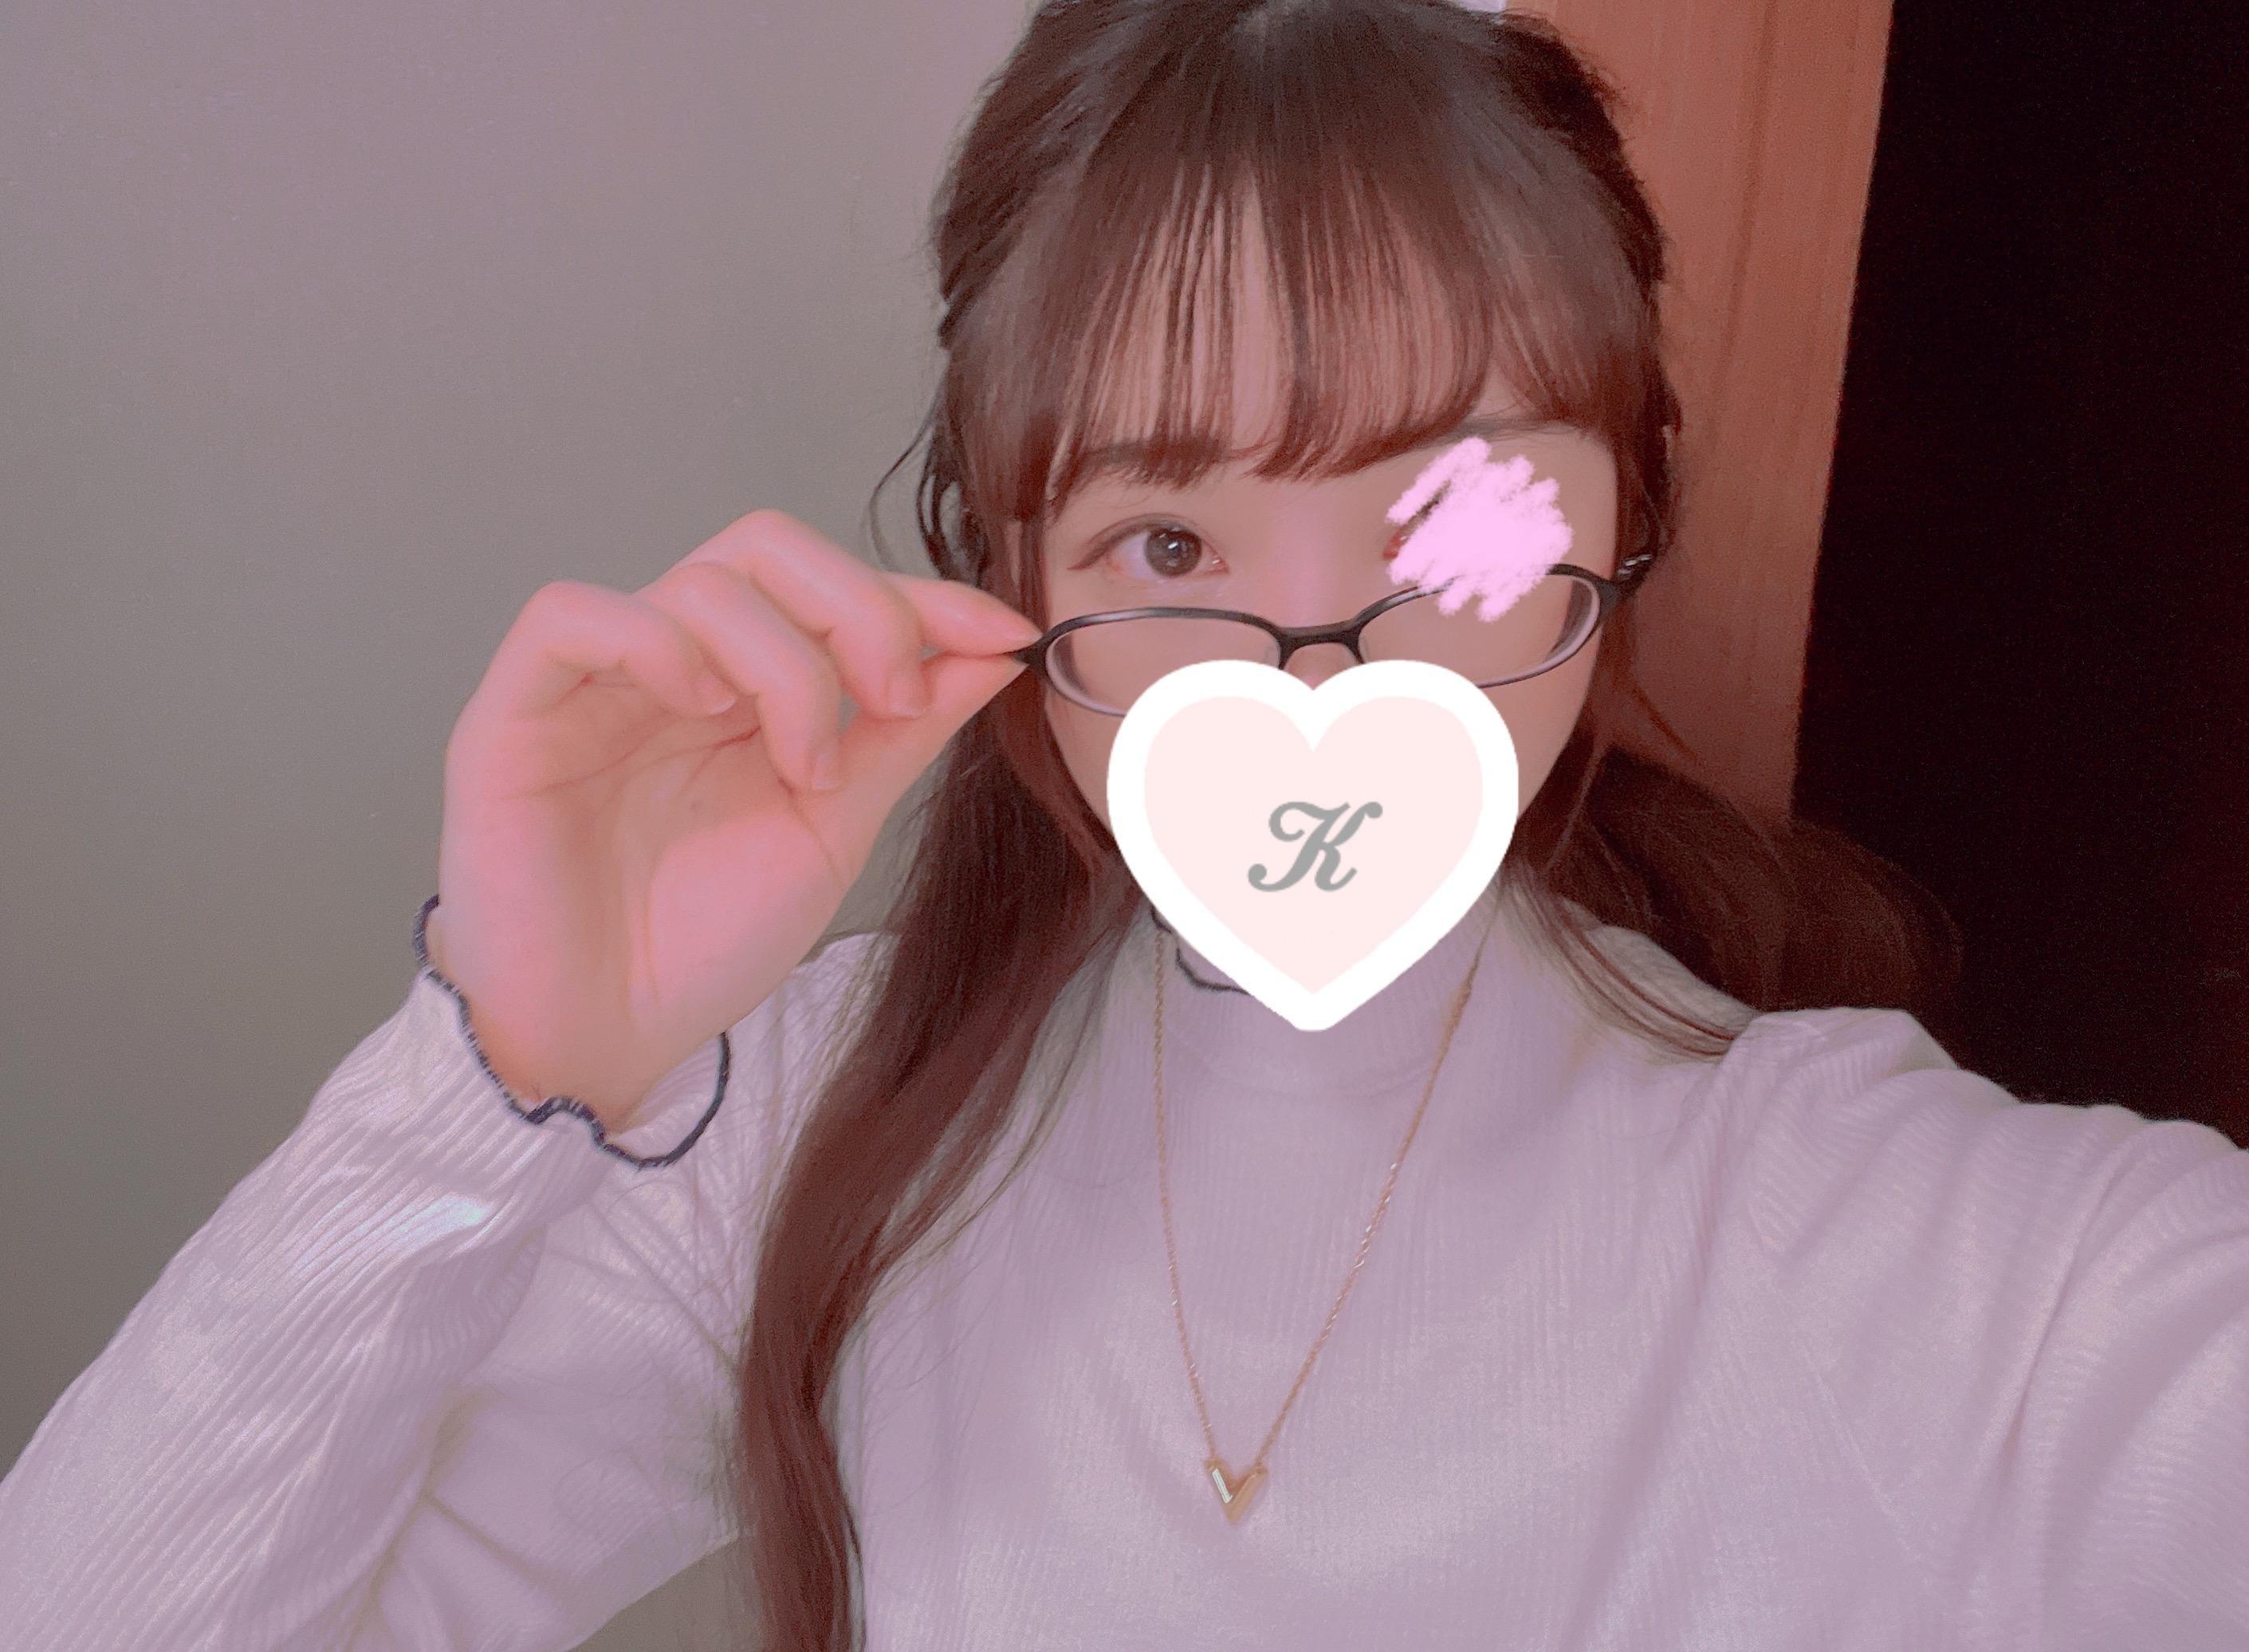 「メガネのお姉さん」04/14(水) 14:27 | ここあの写メ・風俗動画